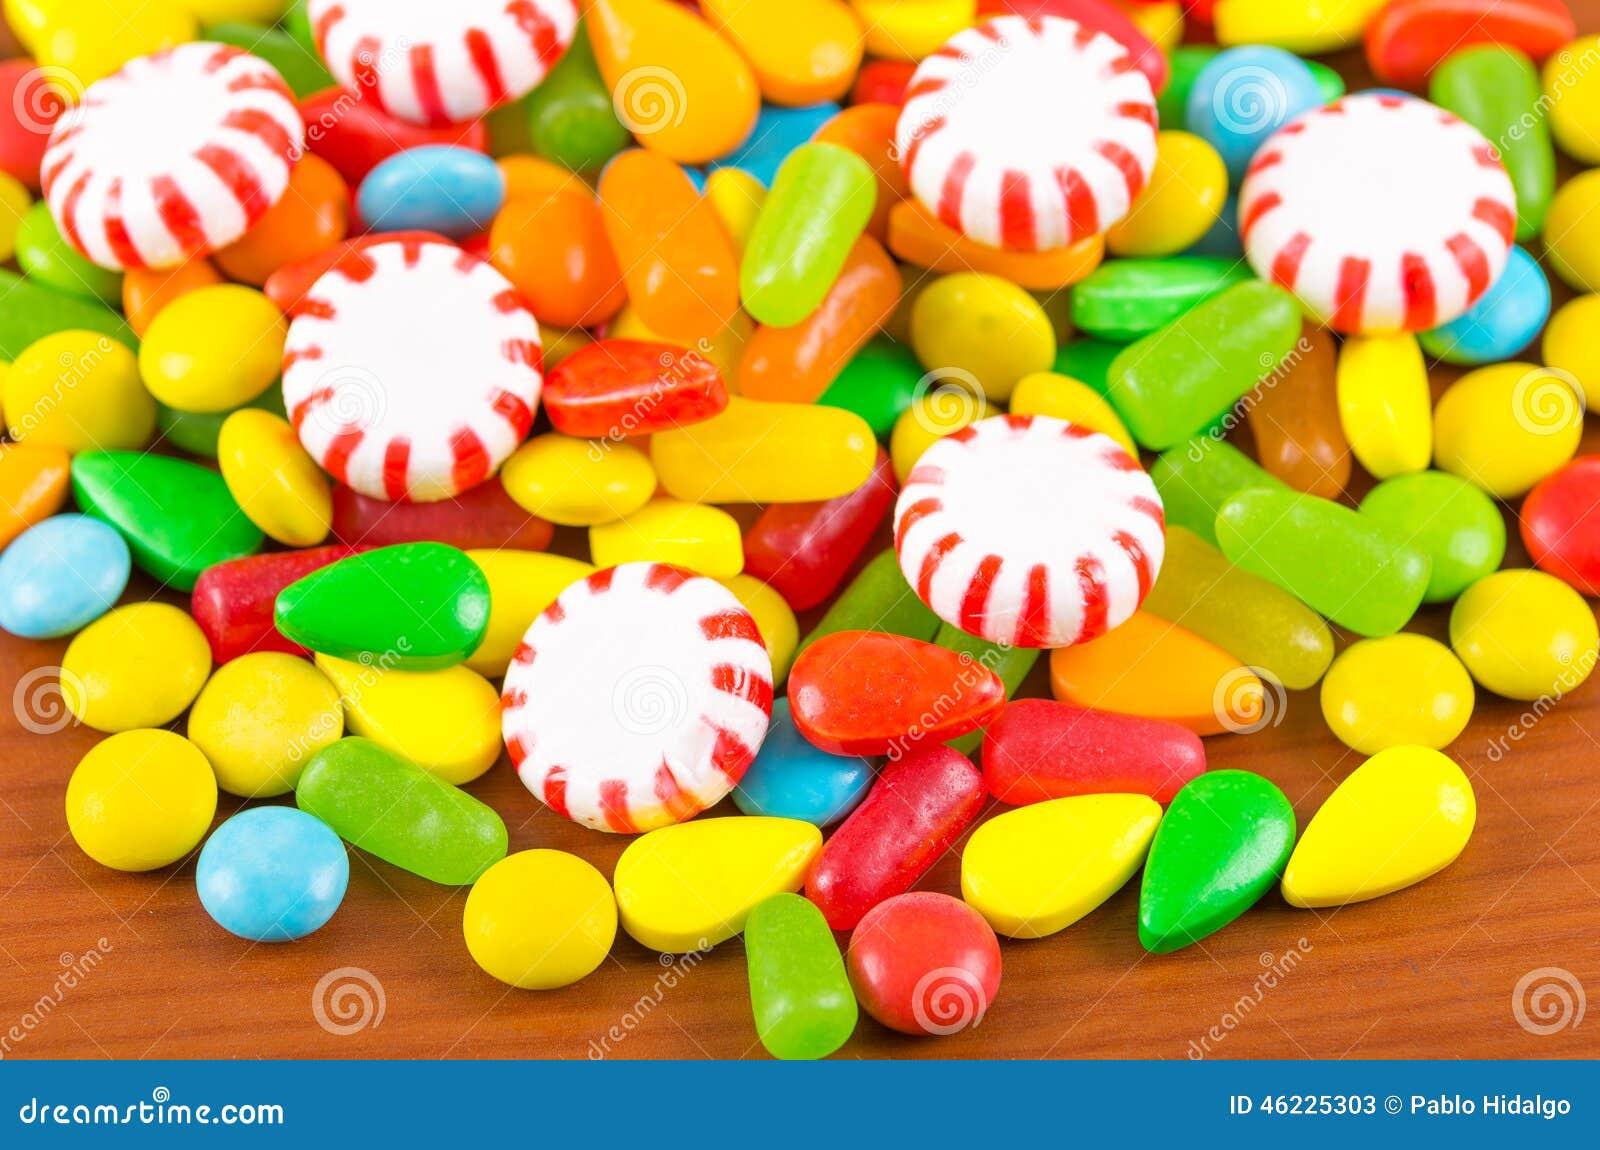 Ζωηρόχρωμη σύσταση καραμέλας καραμελών γλυκών